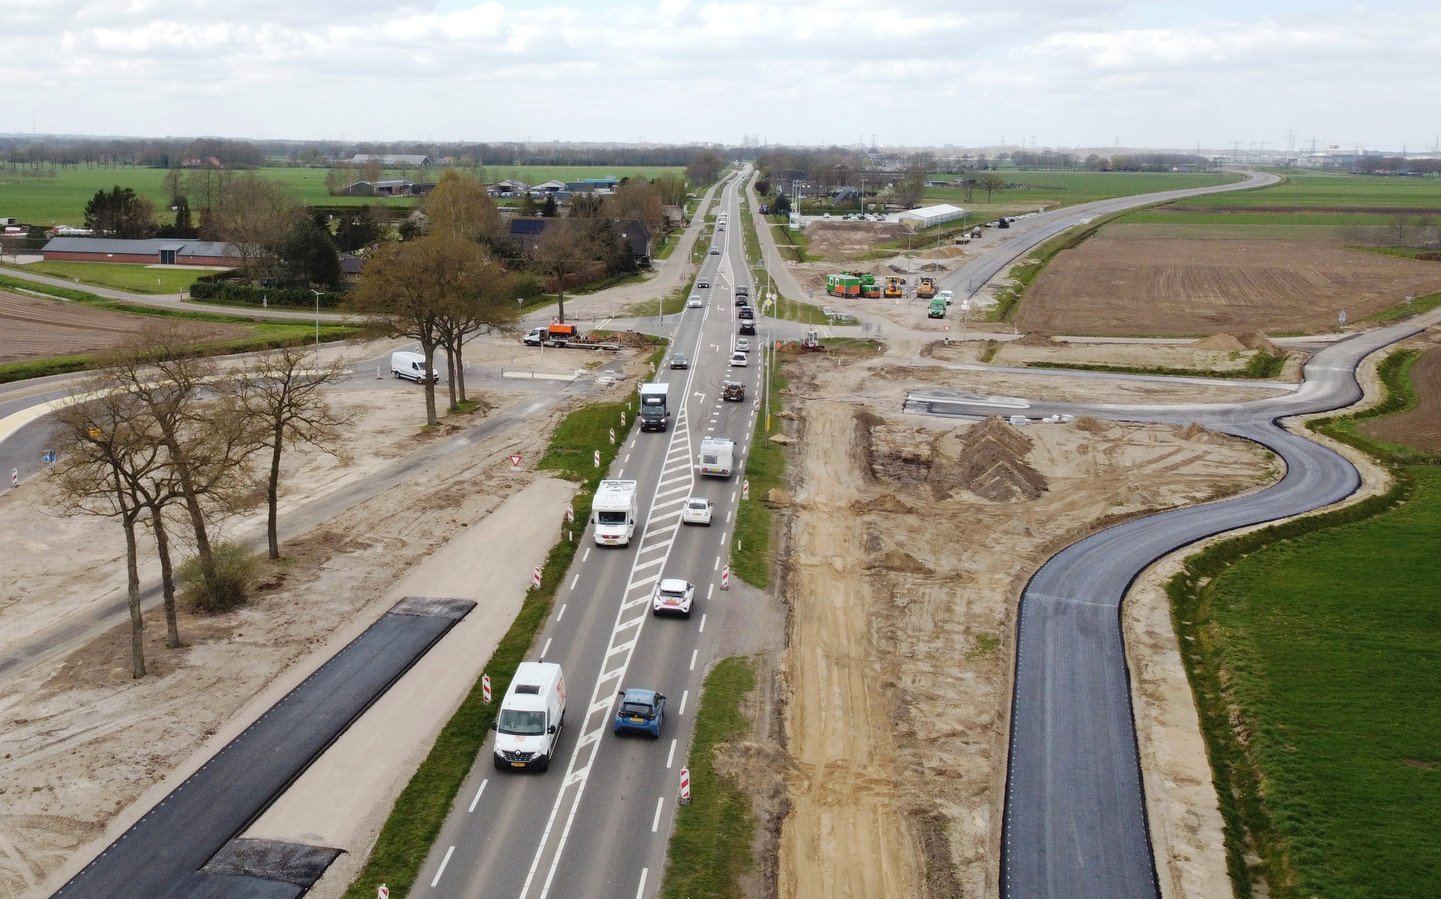 De aansluiting van de Cubbinghesteeg op de N340 bij Dalfsen. De huidige N340 wordt straks aangesloten op de nieuwe weg richting Zwolle, waar nu nog de shovels en graafmachines staan. Op het kruispunt komen verkeerslichten en dat zorgt in Dalfsen voor gemor.